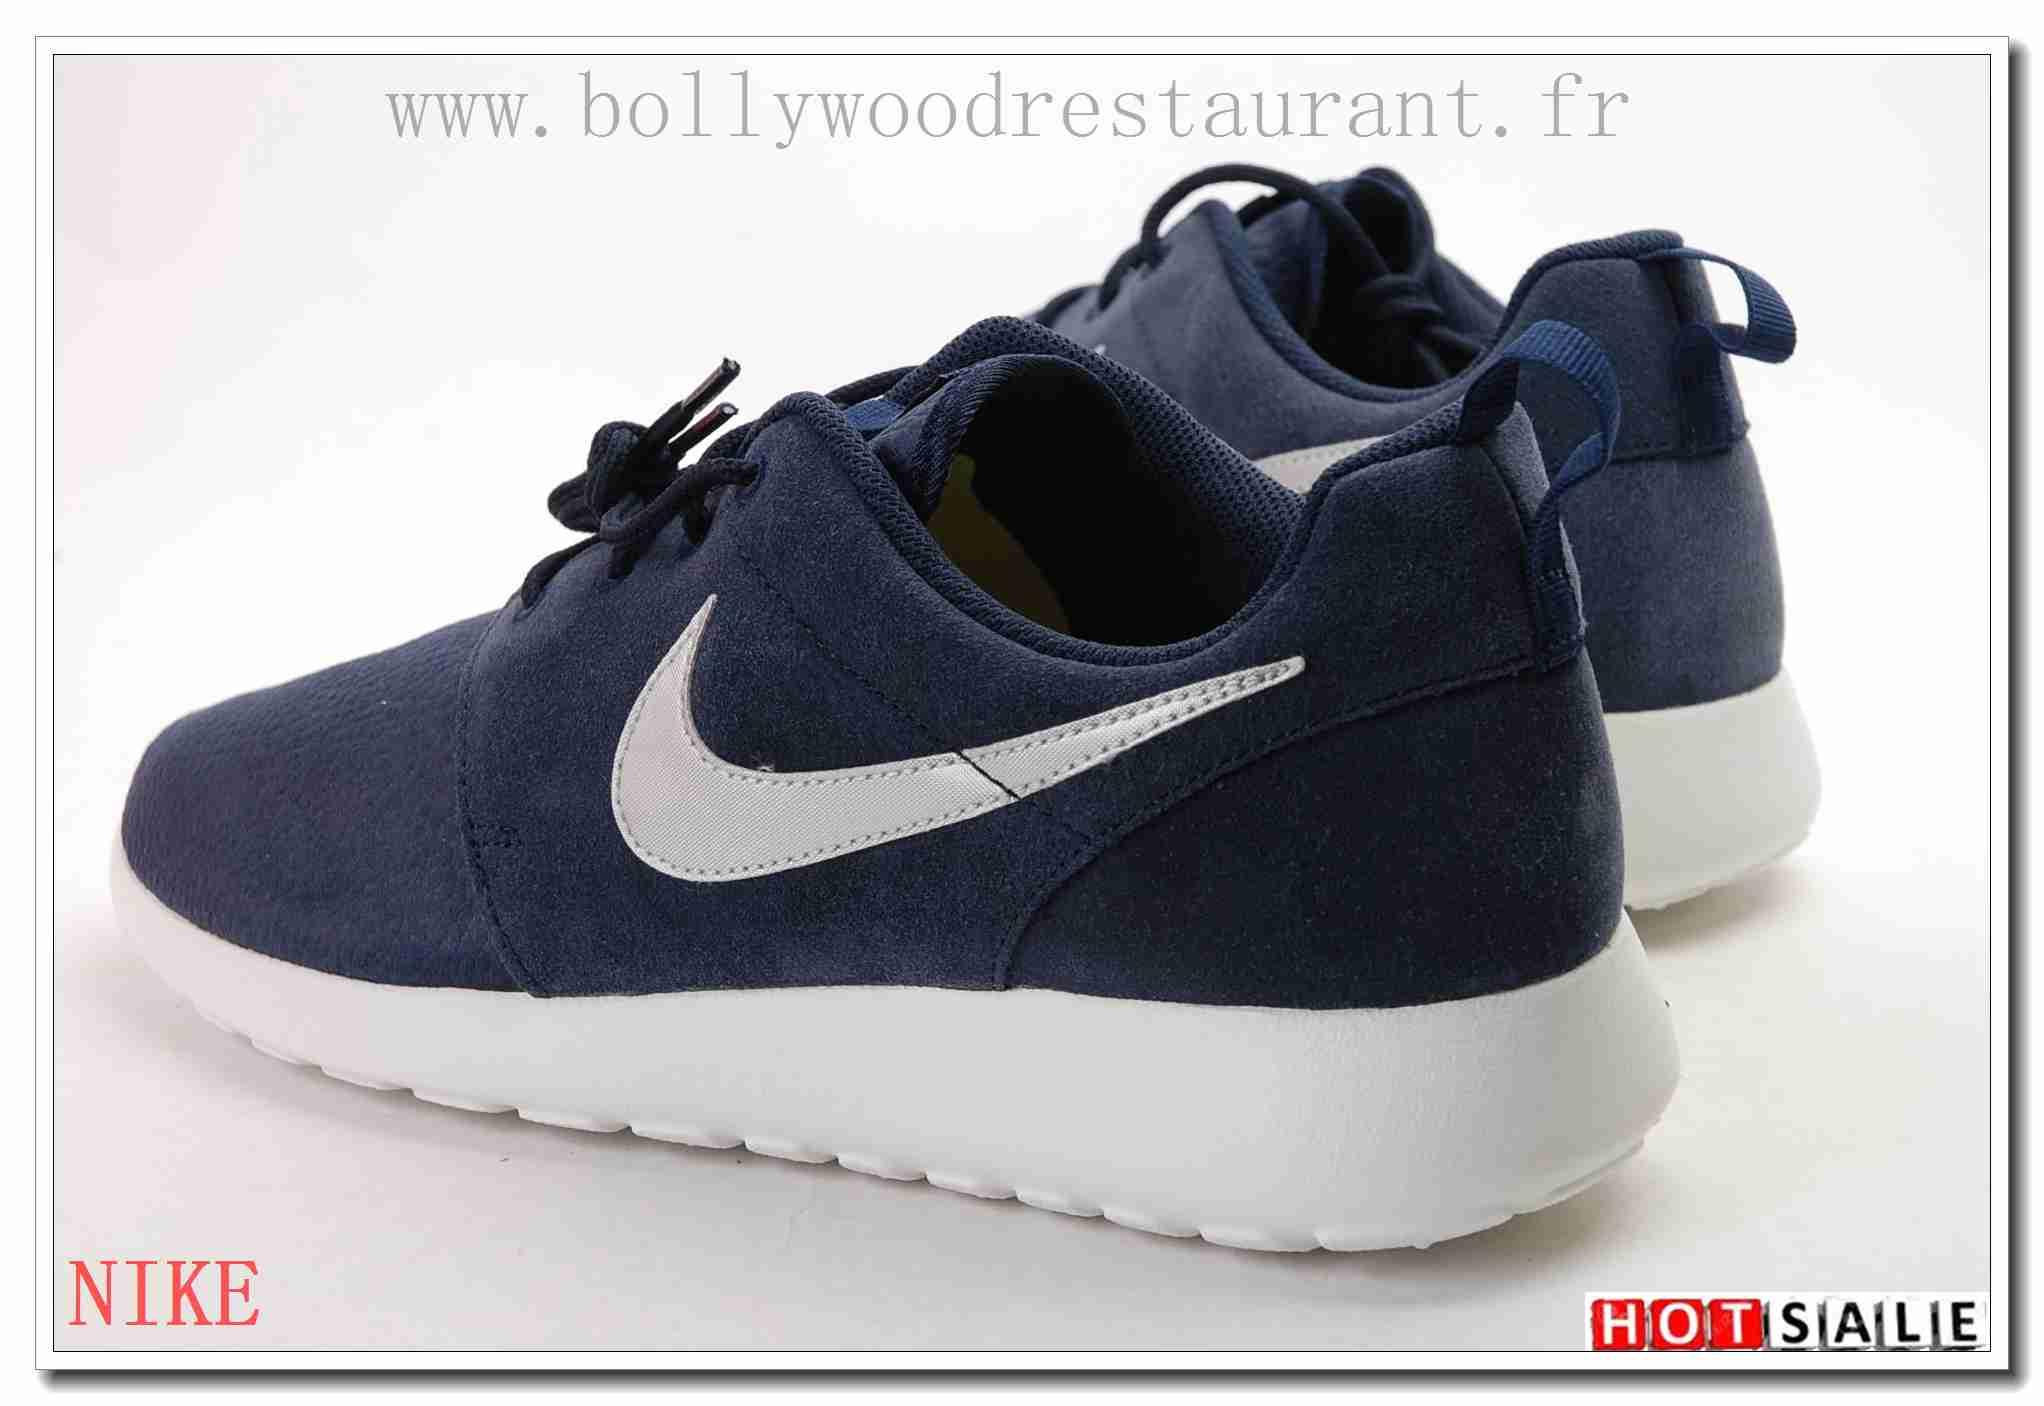 sale retailer 174a8 bb408 CV7736 Matériaux lavables 2018 Nouveau style Nike Roshe Run - Homme  Chaussures - Soldes Pas Cher - H.K.Y. 456 - Taille   40~44